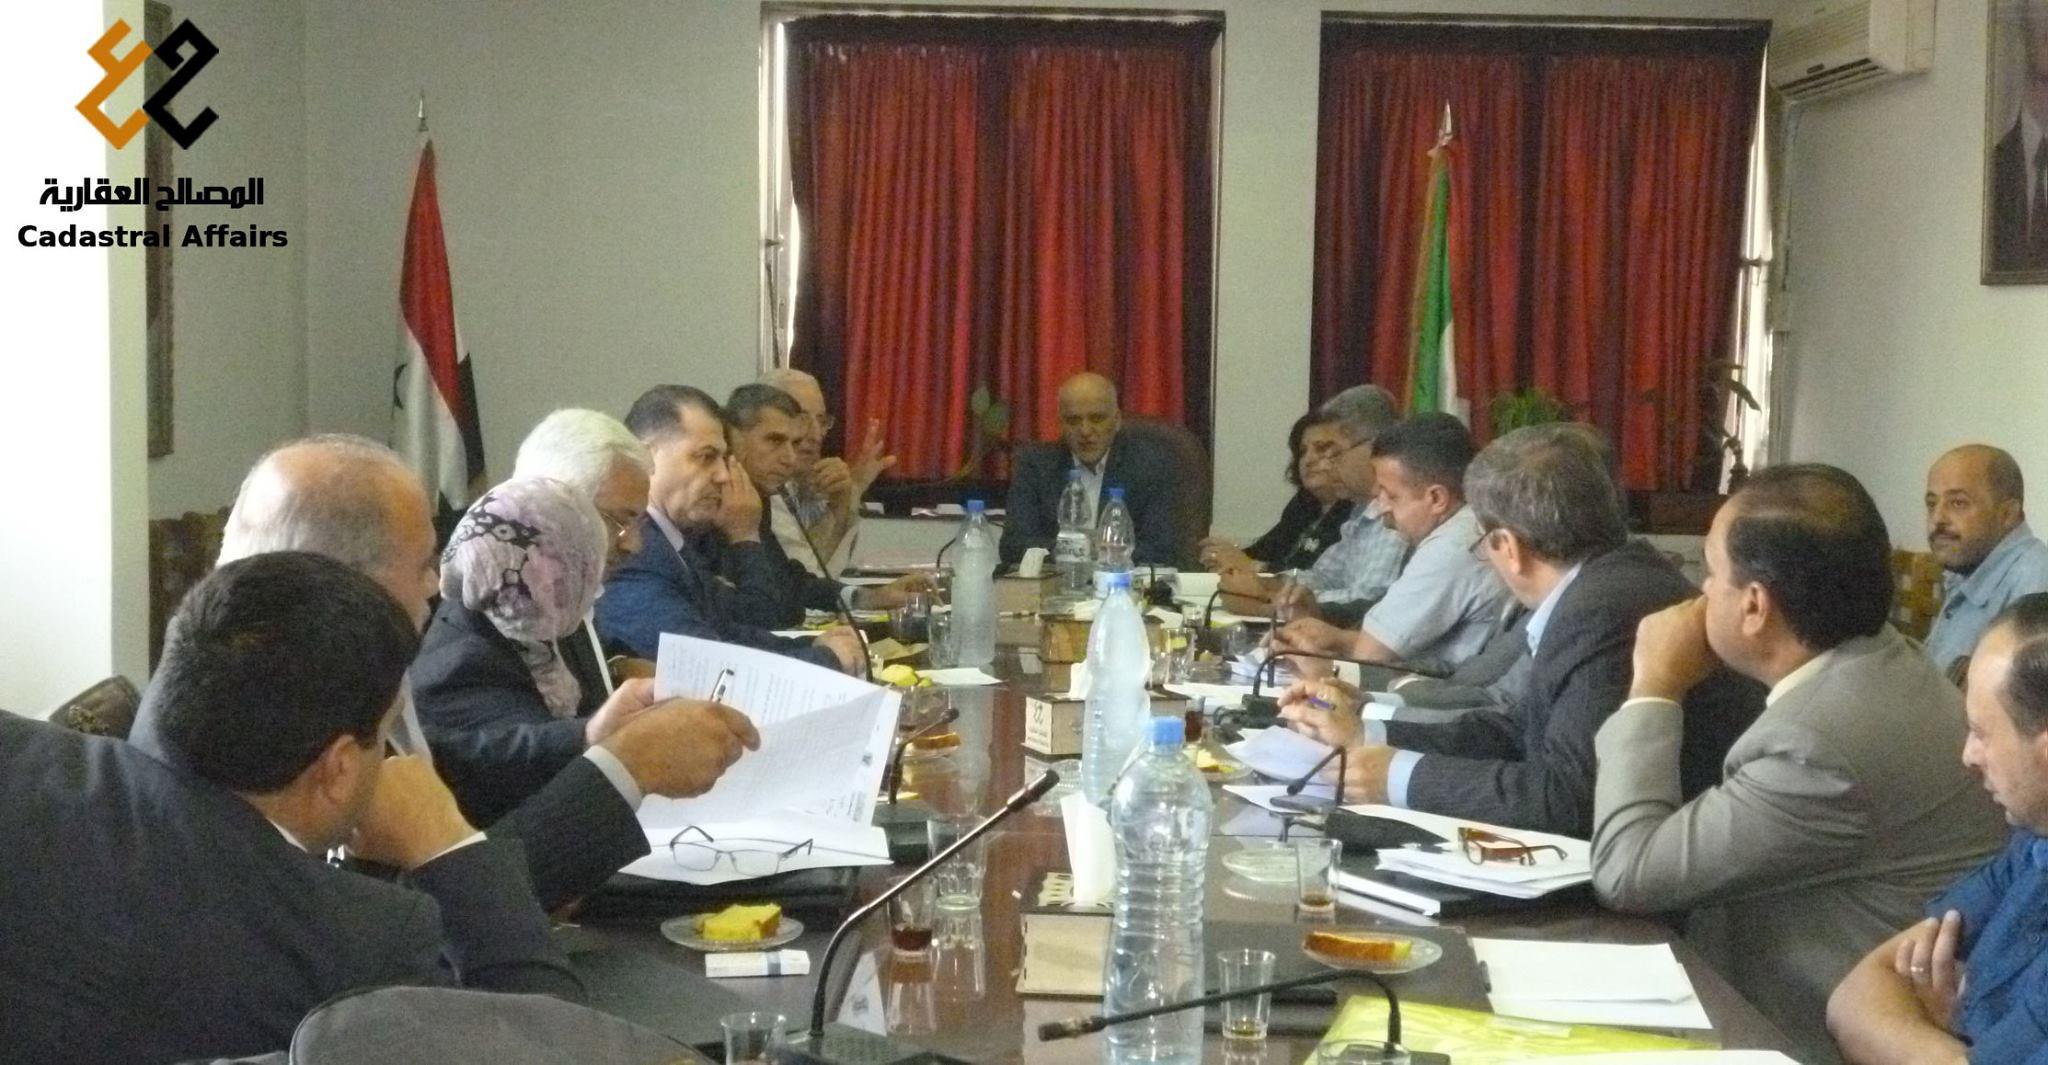 اجتماع مناقشة الخطة الإطارية الشاملة لتحديث المصالح العقارية